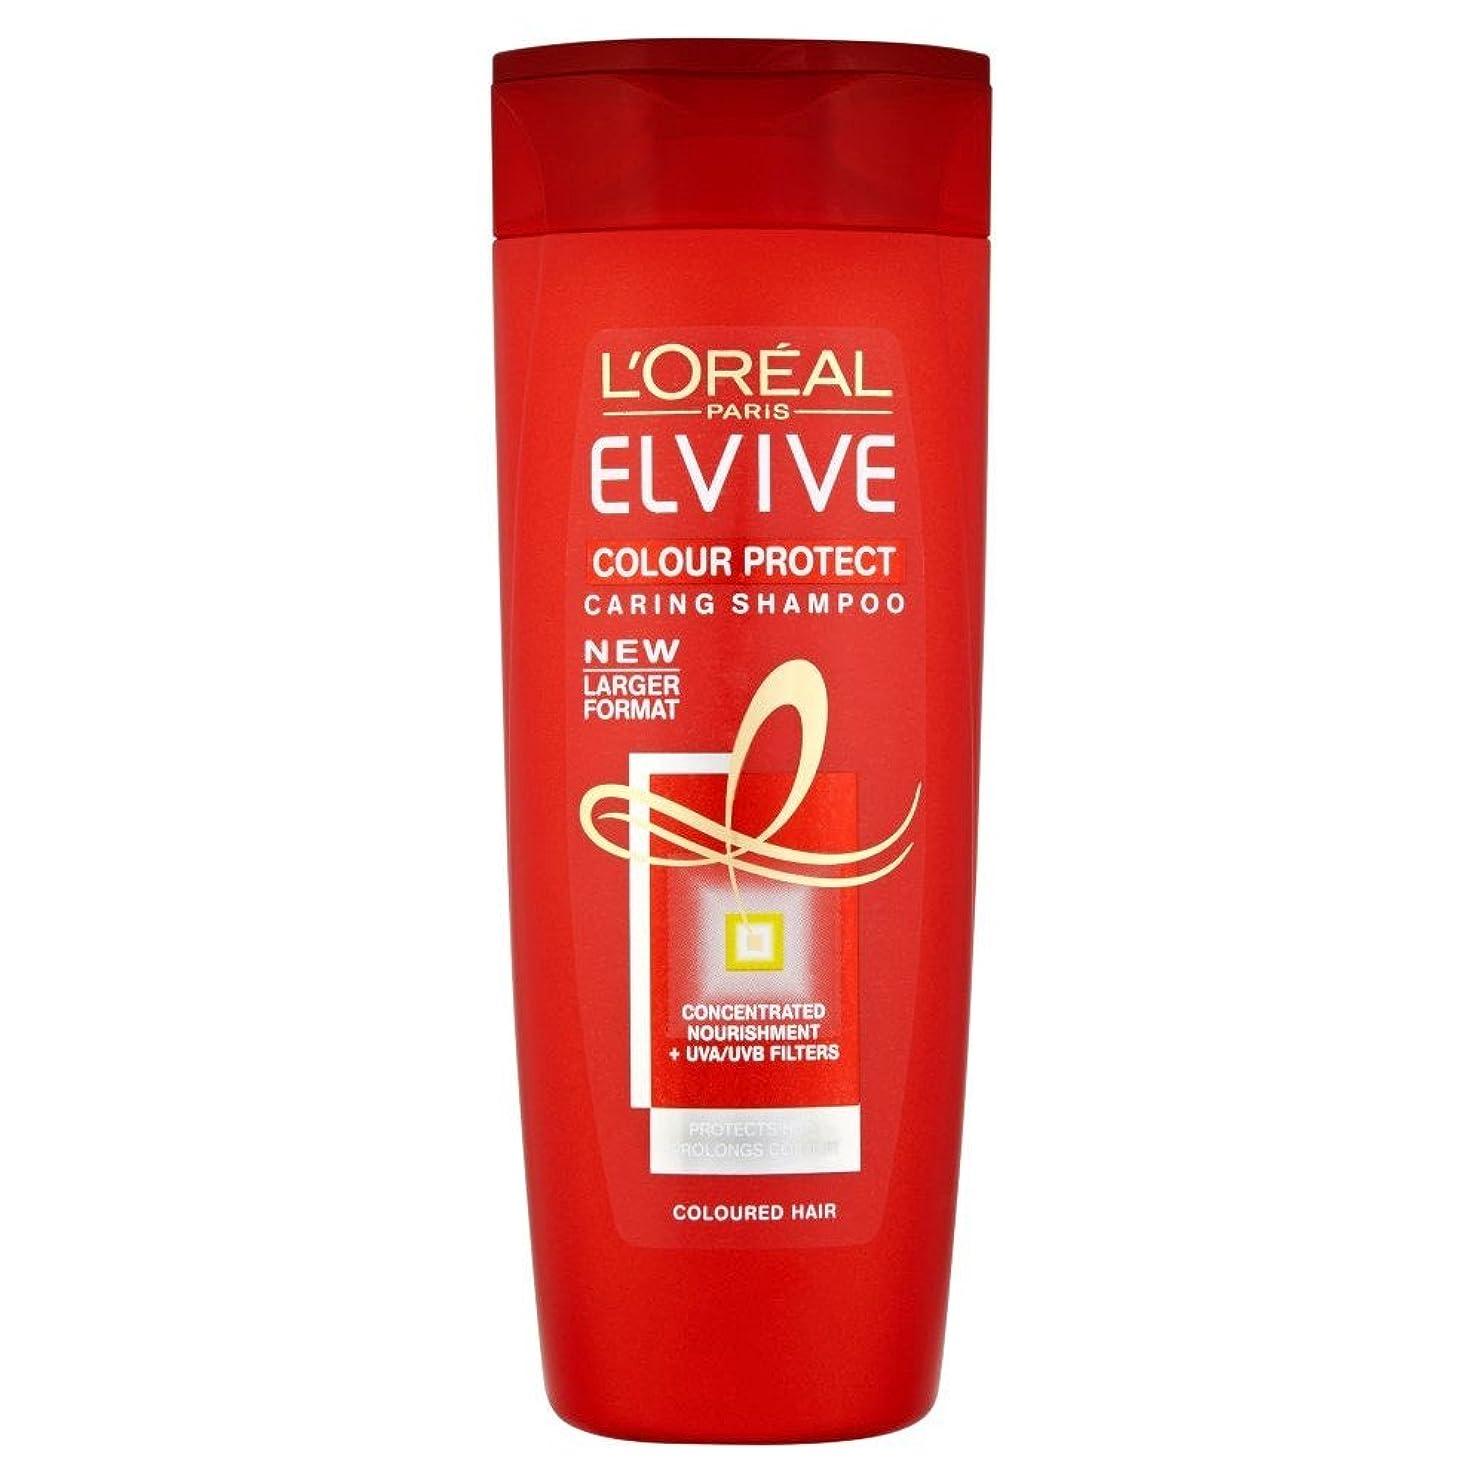 西私たち自身サーカスL'Oreal Paris Elvive Caring Colour Protect Coloured or Highlighted Hair Shampoo (500ml) L'オラ?アルパリelviveの思いやりの色に着色やハイライト表示さ??ヘアシャンプー( 500ミリリットル)を保護 [並行輸入品]